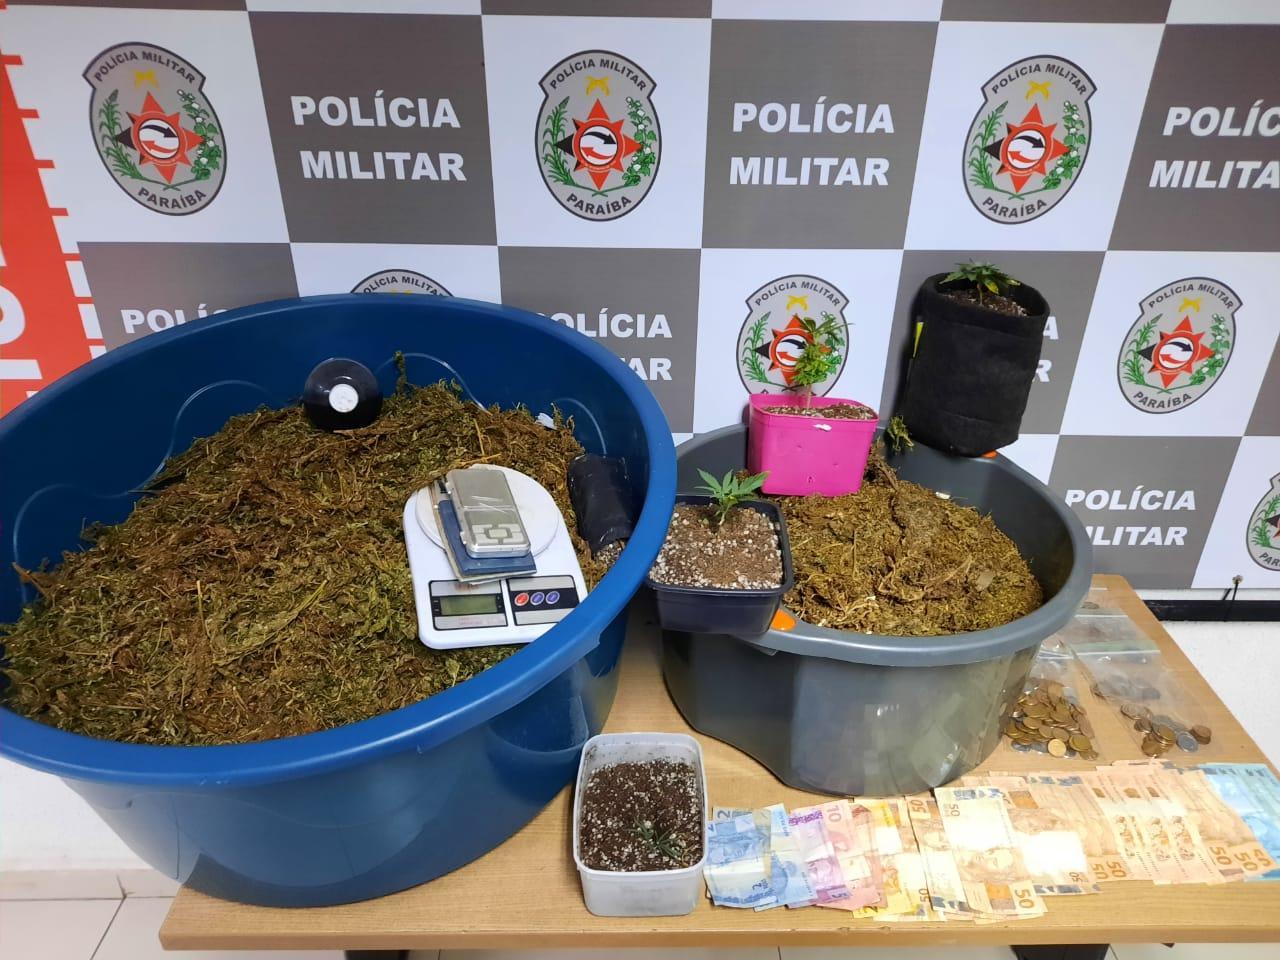 WhatsApp Image 2020 09 30 at 22.42.31 - Homem é preso e polícia encontra laboratório de drogas em seu apartamento